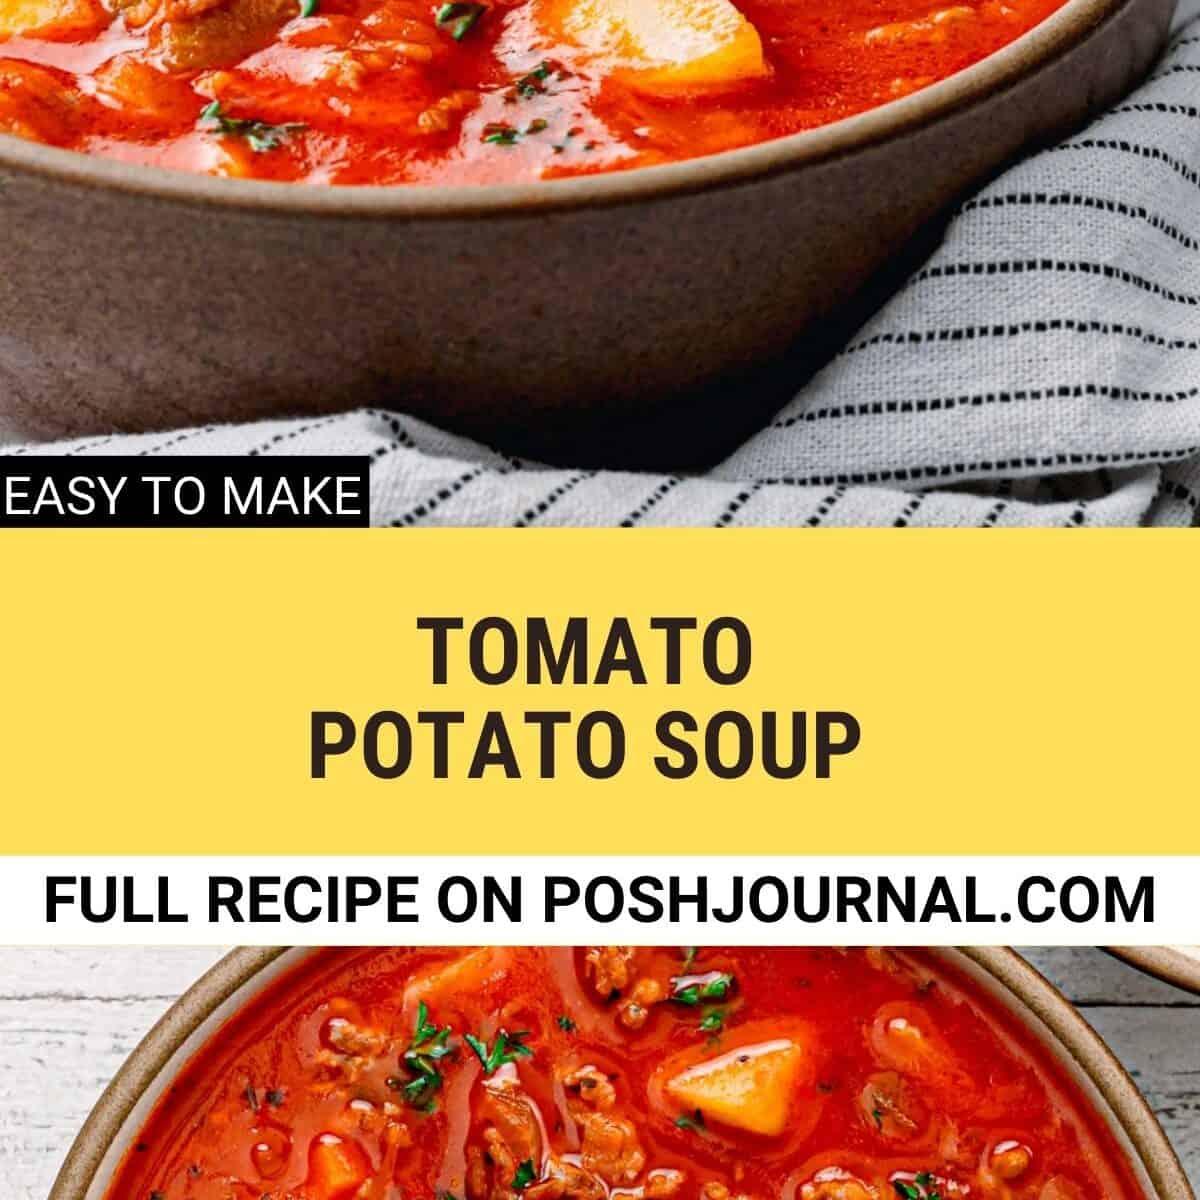 Tomato Potato Soup.